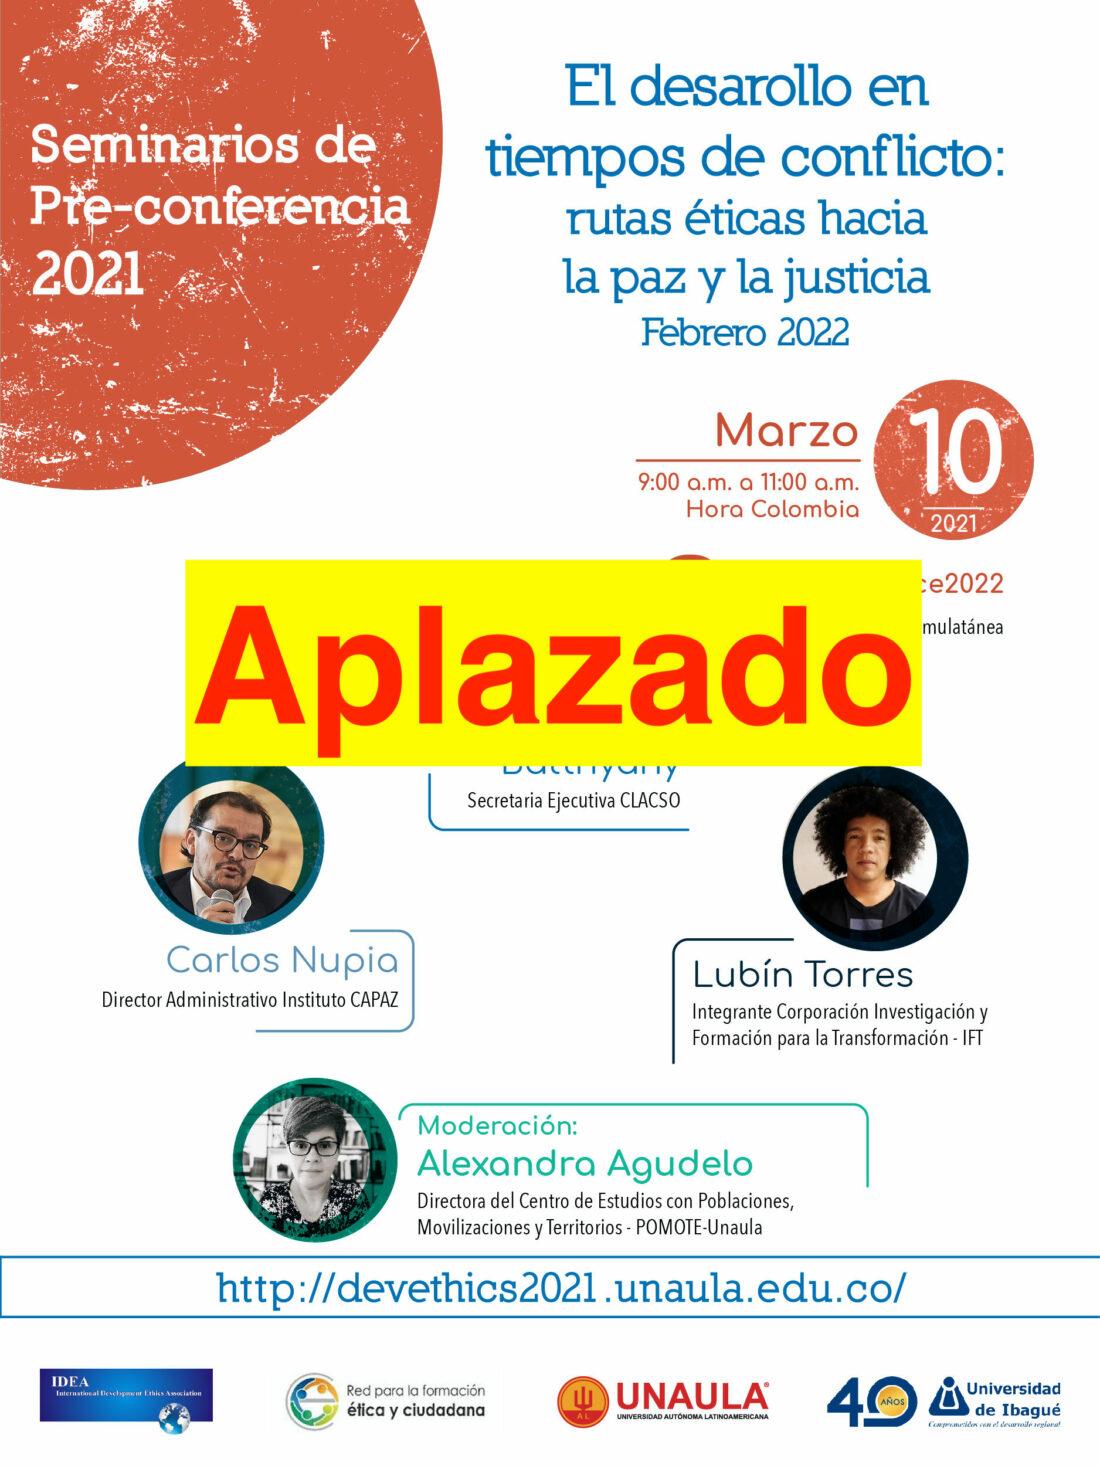 Afiche que anuncia el aplazamiento del evento agendado para el 10 de marzo de 2021